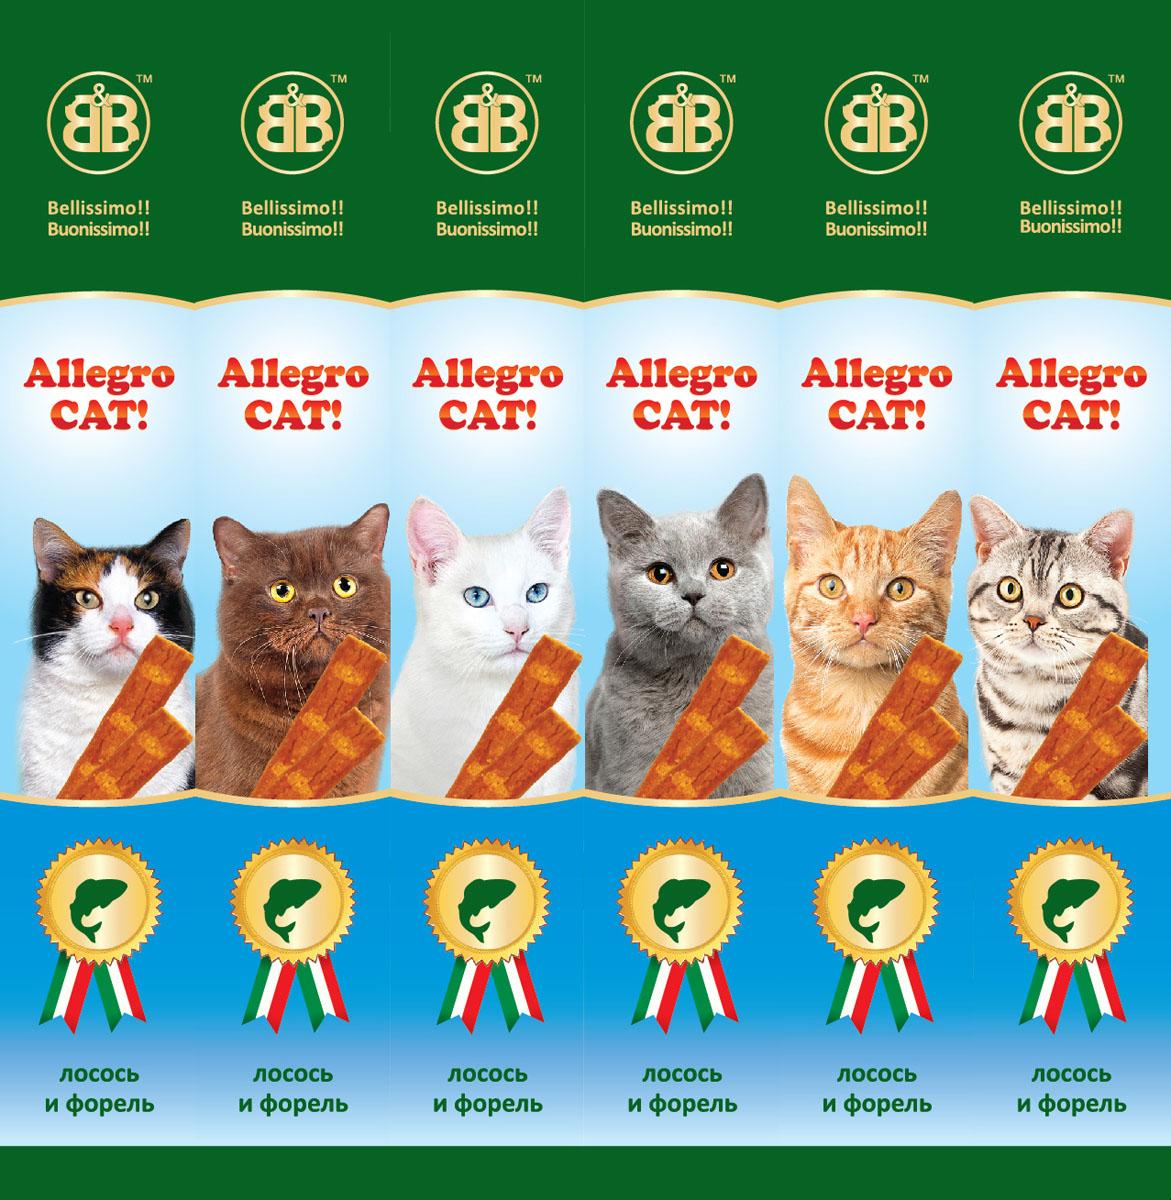 Лакомство для кошек B&B Allegro Cat, мясные колбаски из лосося и форели, 6х5 г36451Колбаски мясные B&B Allegro Cat - это вкусное и здоровое угощение, которое придется по вкусу даже самому капризному любимцу. Специальная герметичная упаковка сохранит лакомство вкусным в течение долгого времени. Состав: мясо и продукты животного происхождения ( минимум 95%: из которых 5% форель, 5% лосось), минеральные соли. Пищевая ценность: протеин 33,5%, жиры 20%, зола 9%, клетчатка -2%, влажность -28%. Количество колбасок в упаковке: 6 шт. Вес одной колбаски: 5 г. Товар сертифицирован.